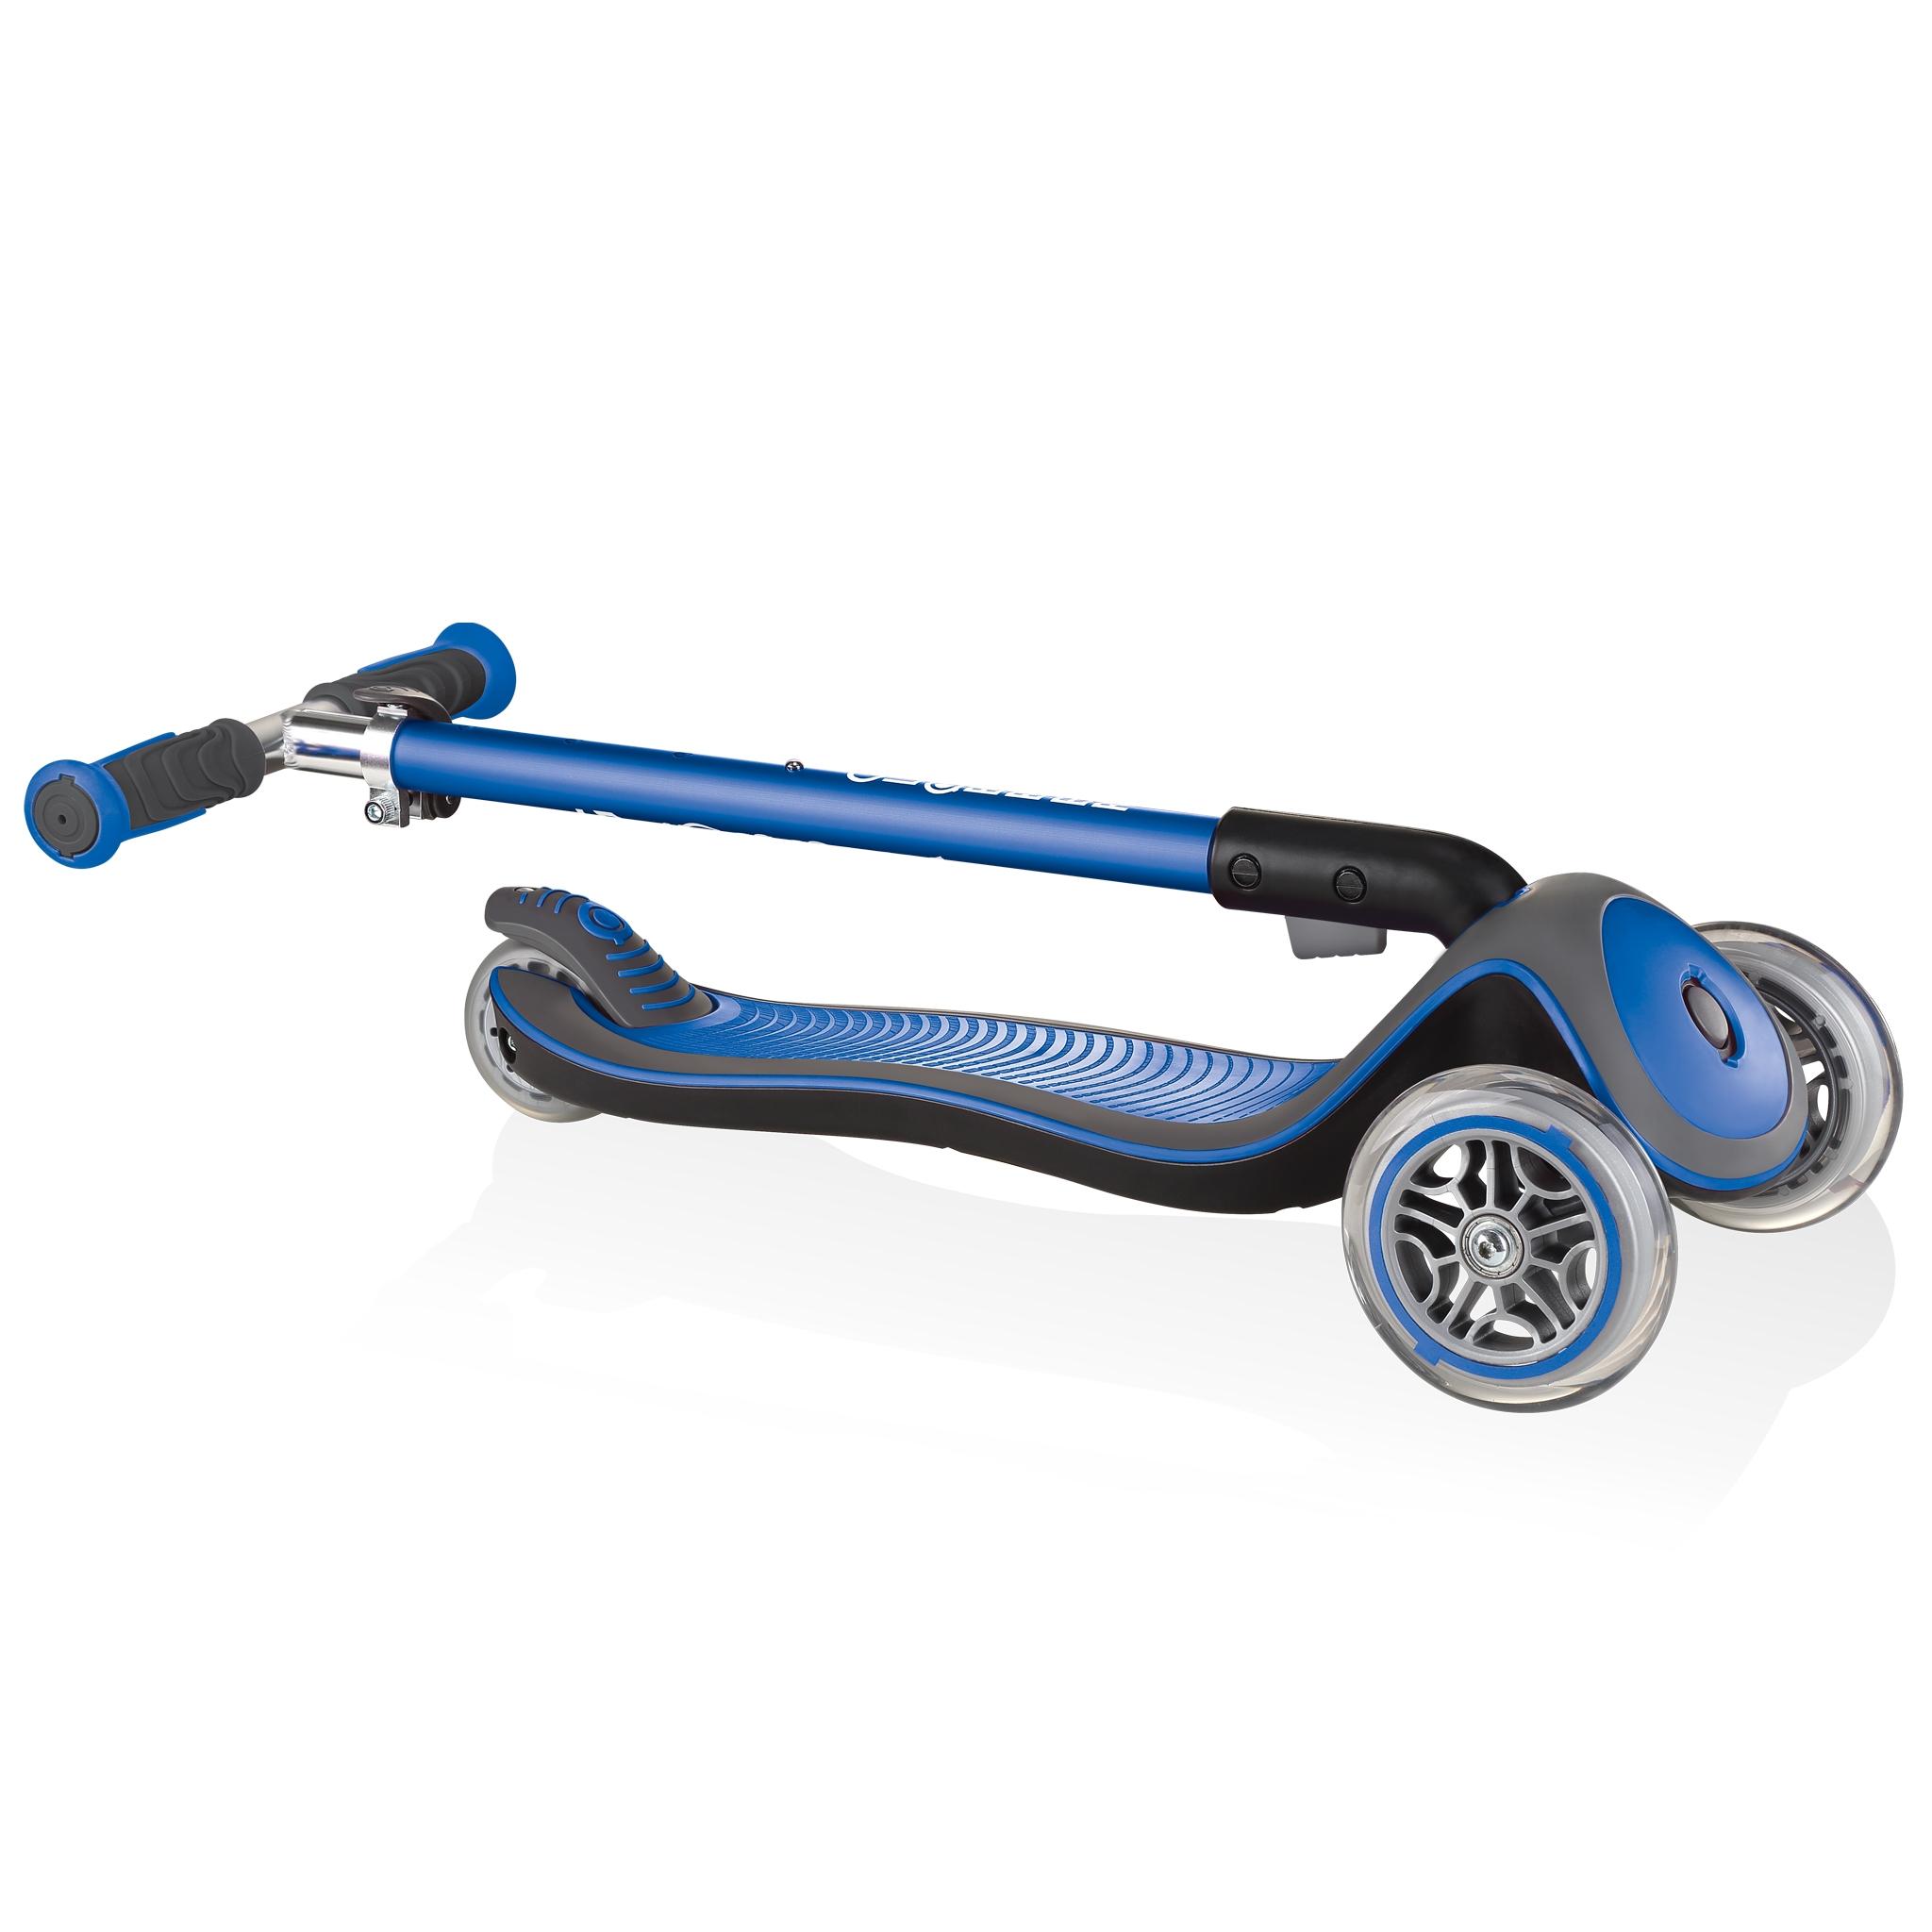 Globber-ELITE-DELUXE-Best-3-wheel-foldable-scooter-for-kids-navy-blue 3